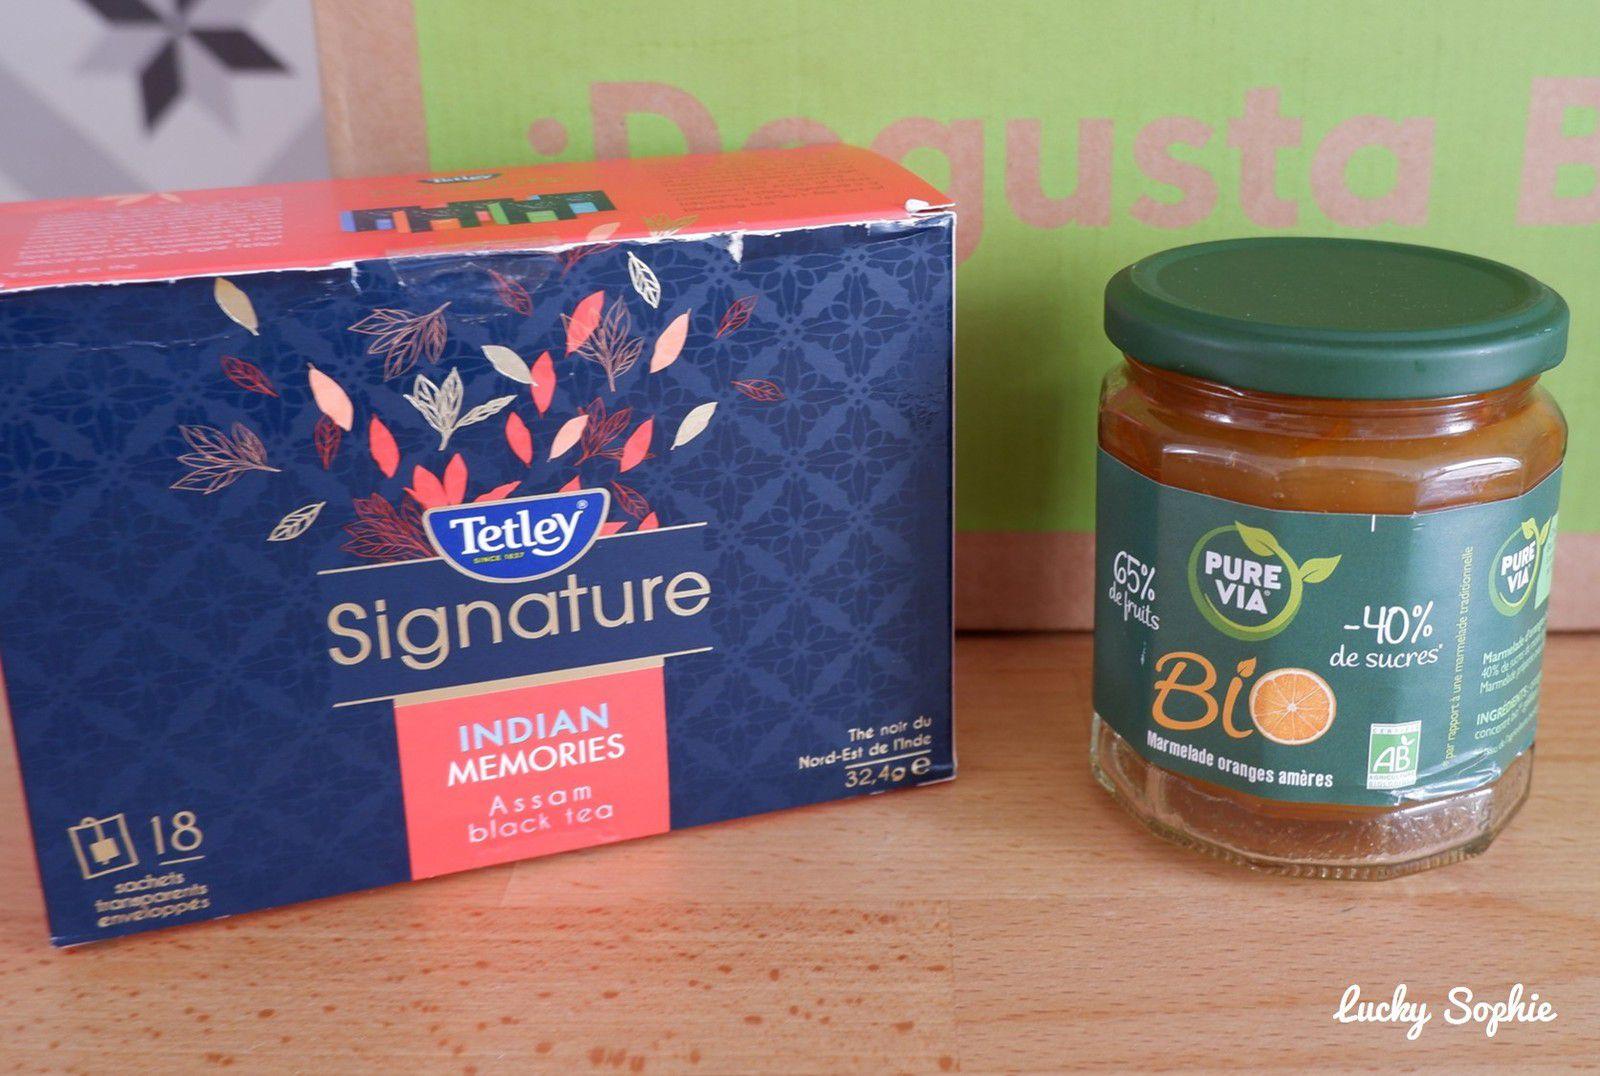 La Degusta box soirée TV